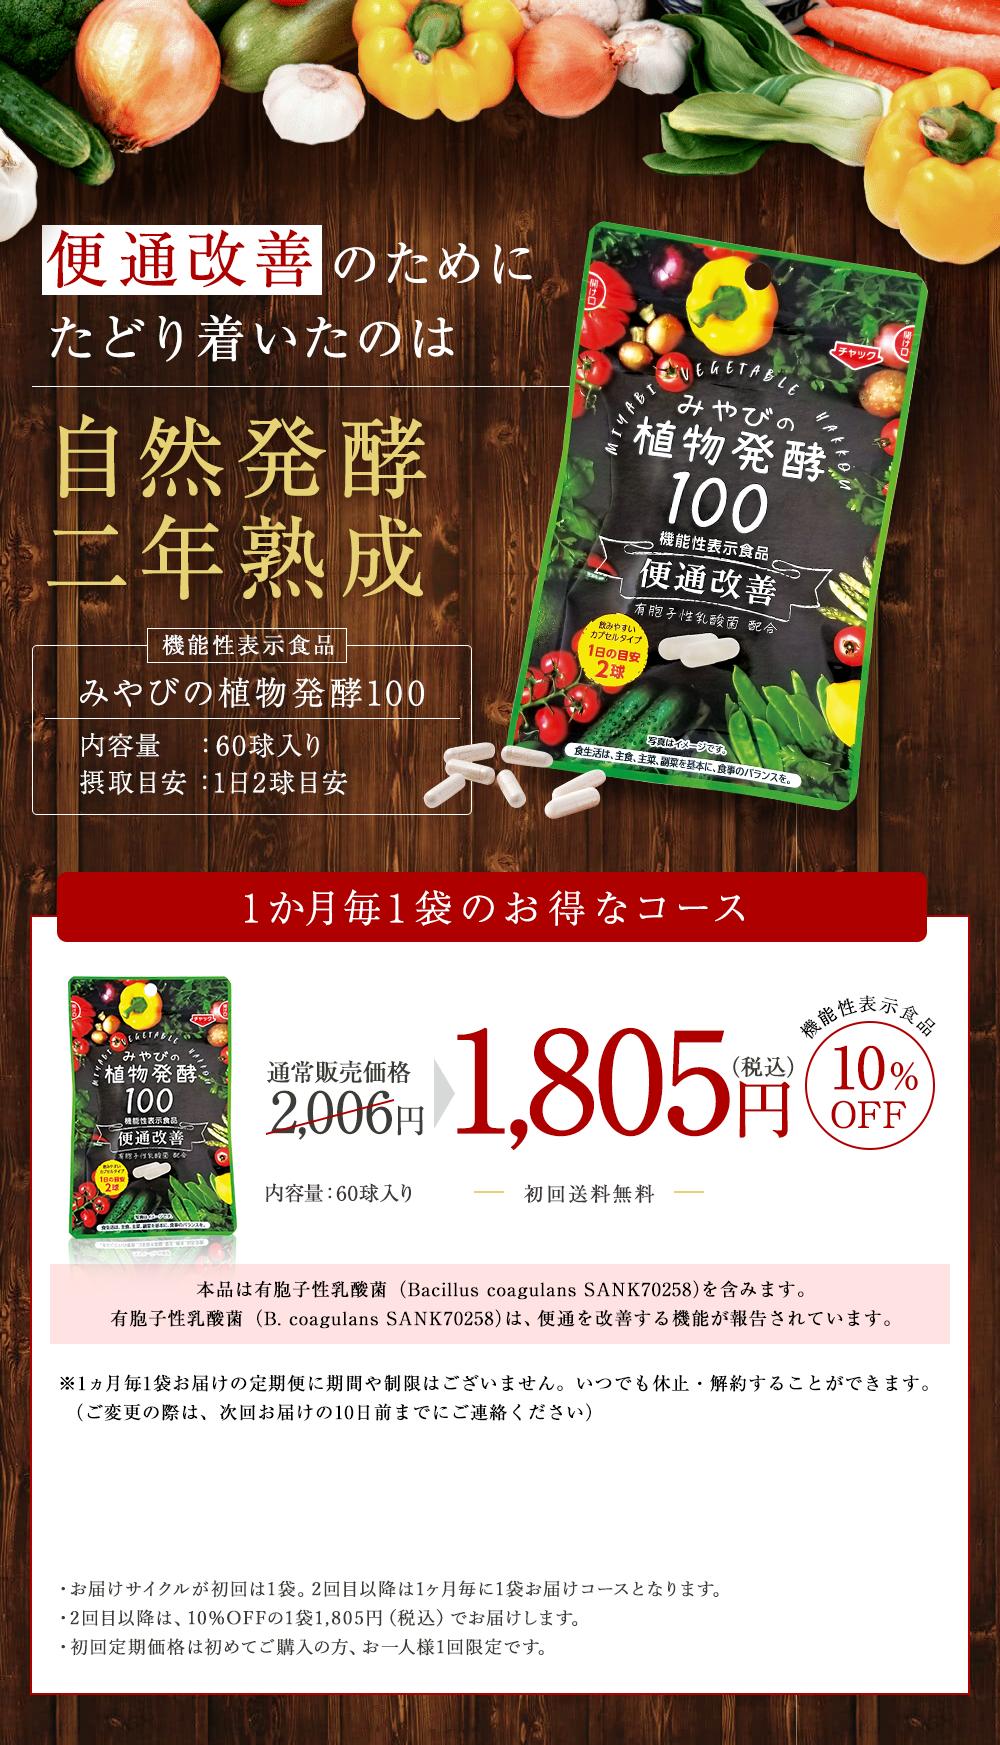 累計販売数1,800,000突破!!